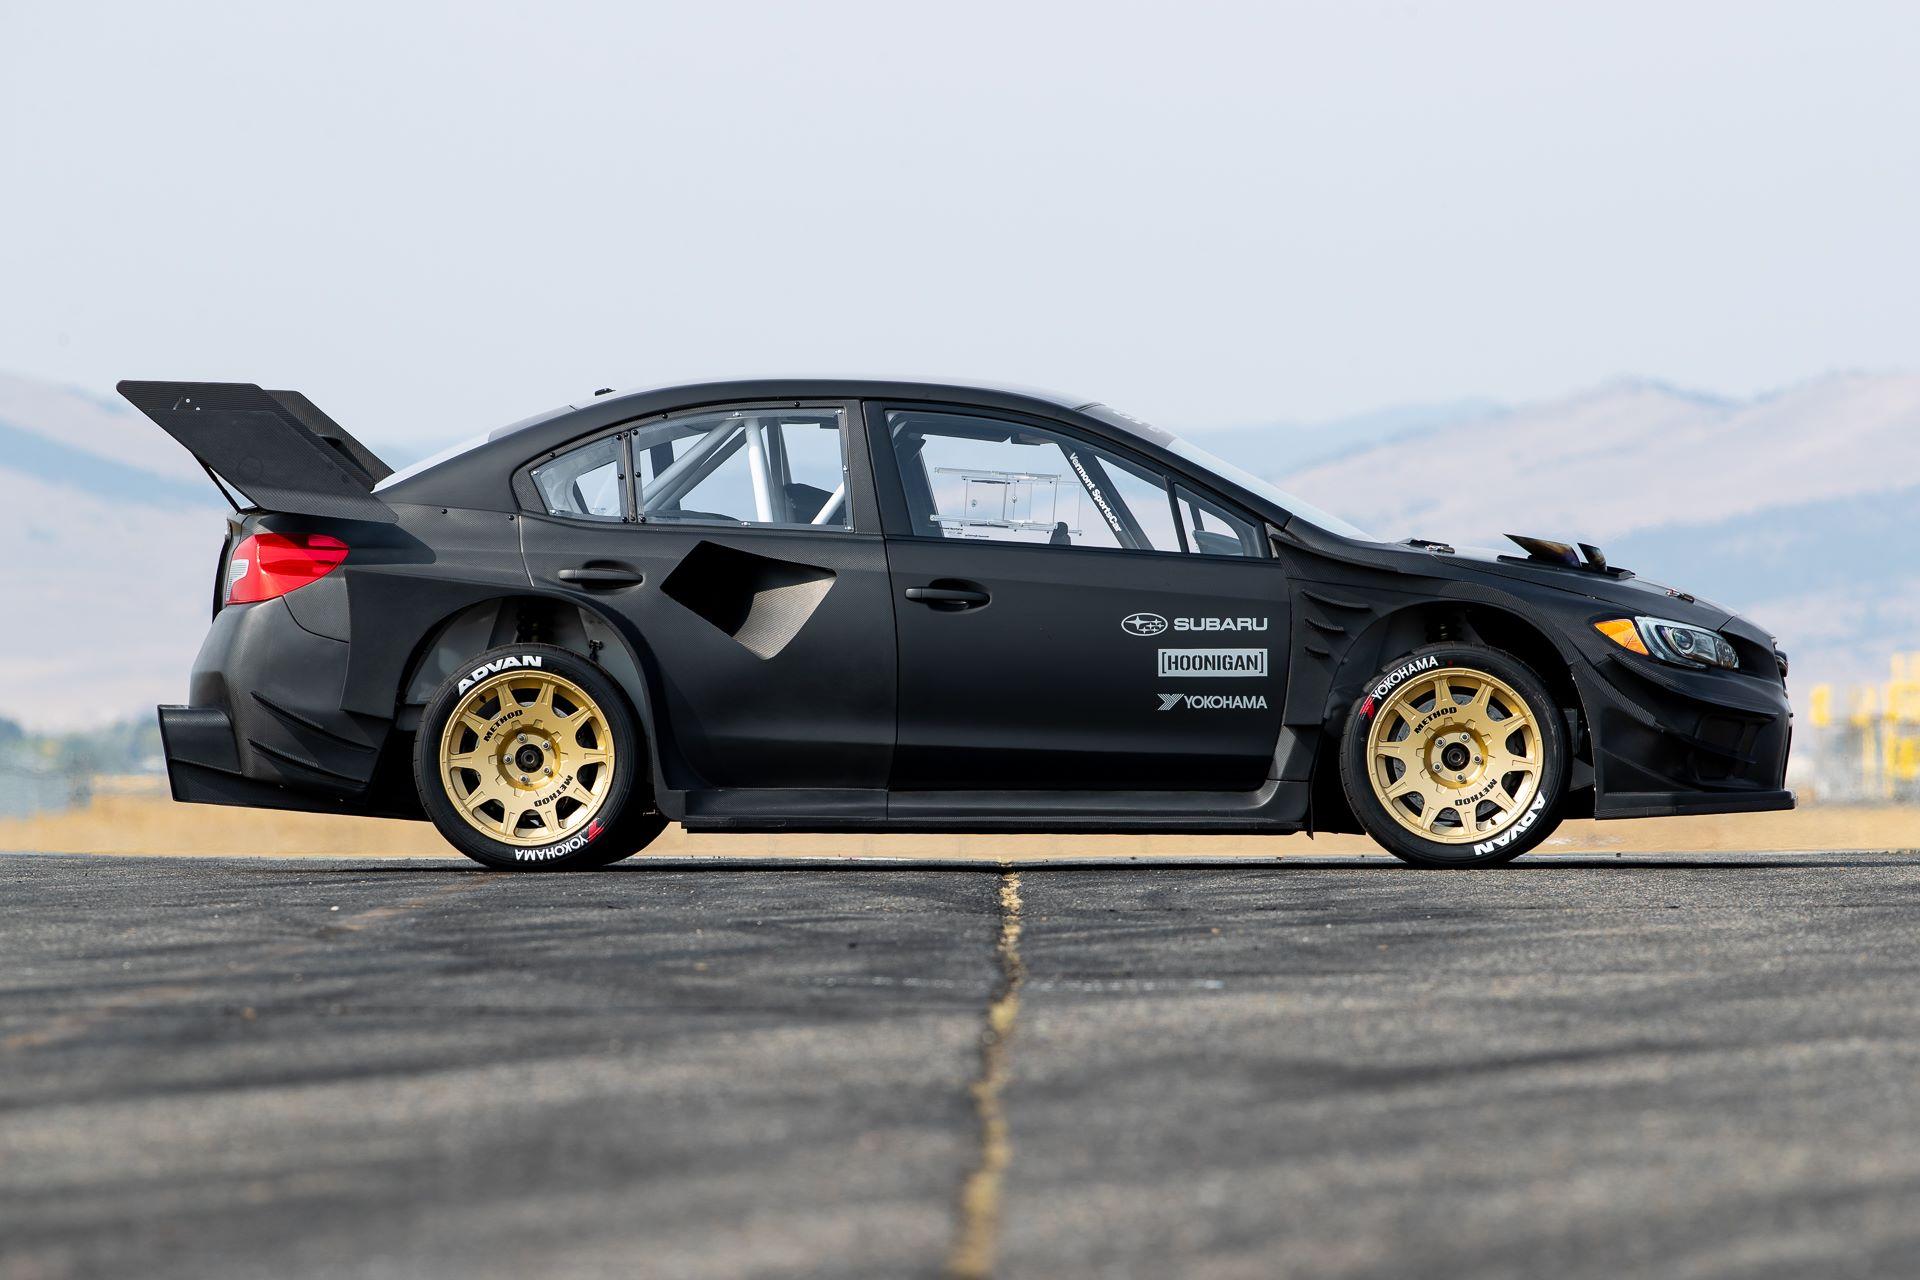 Subaru-WRX-STI-Gymkhana-11-4